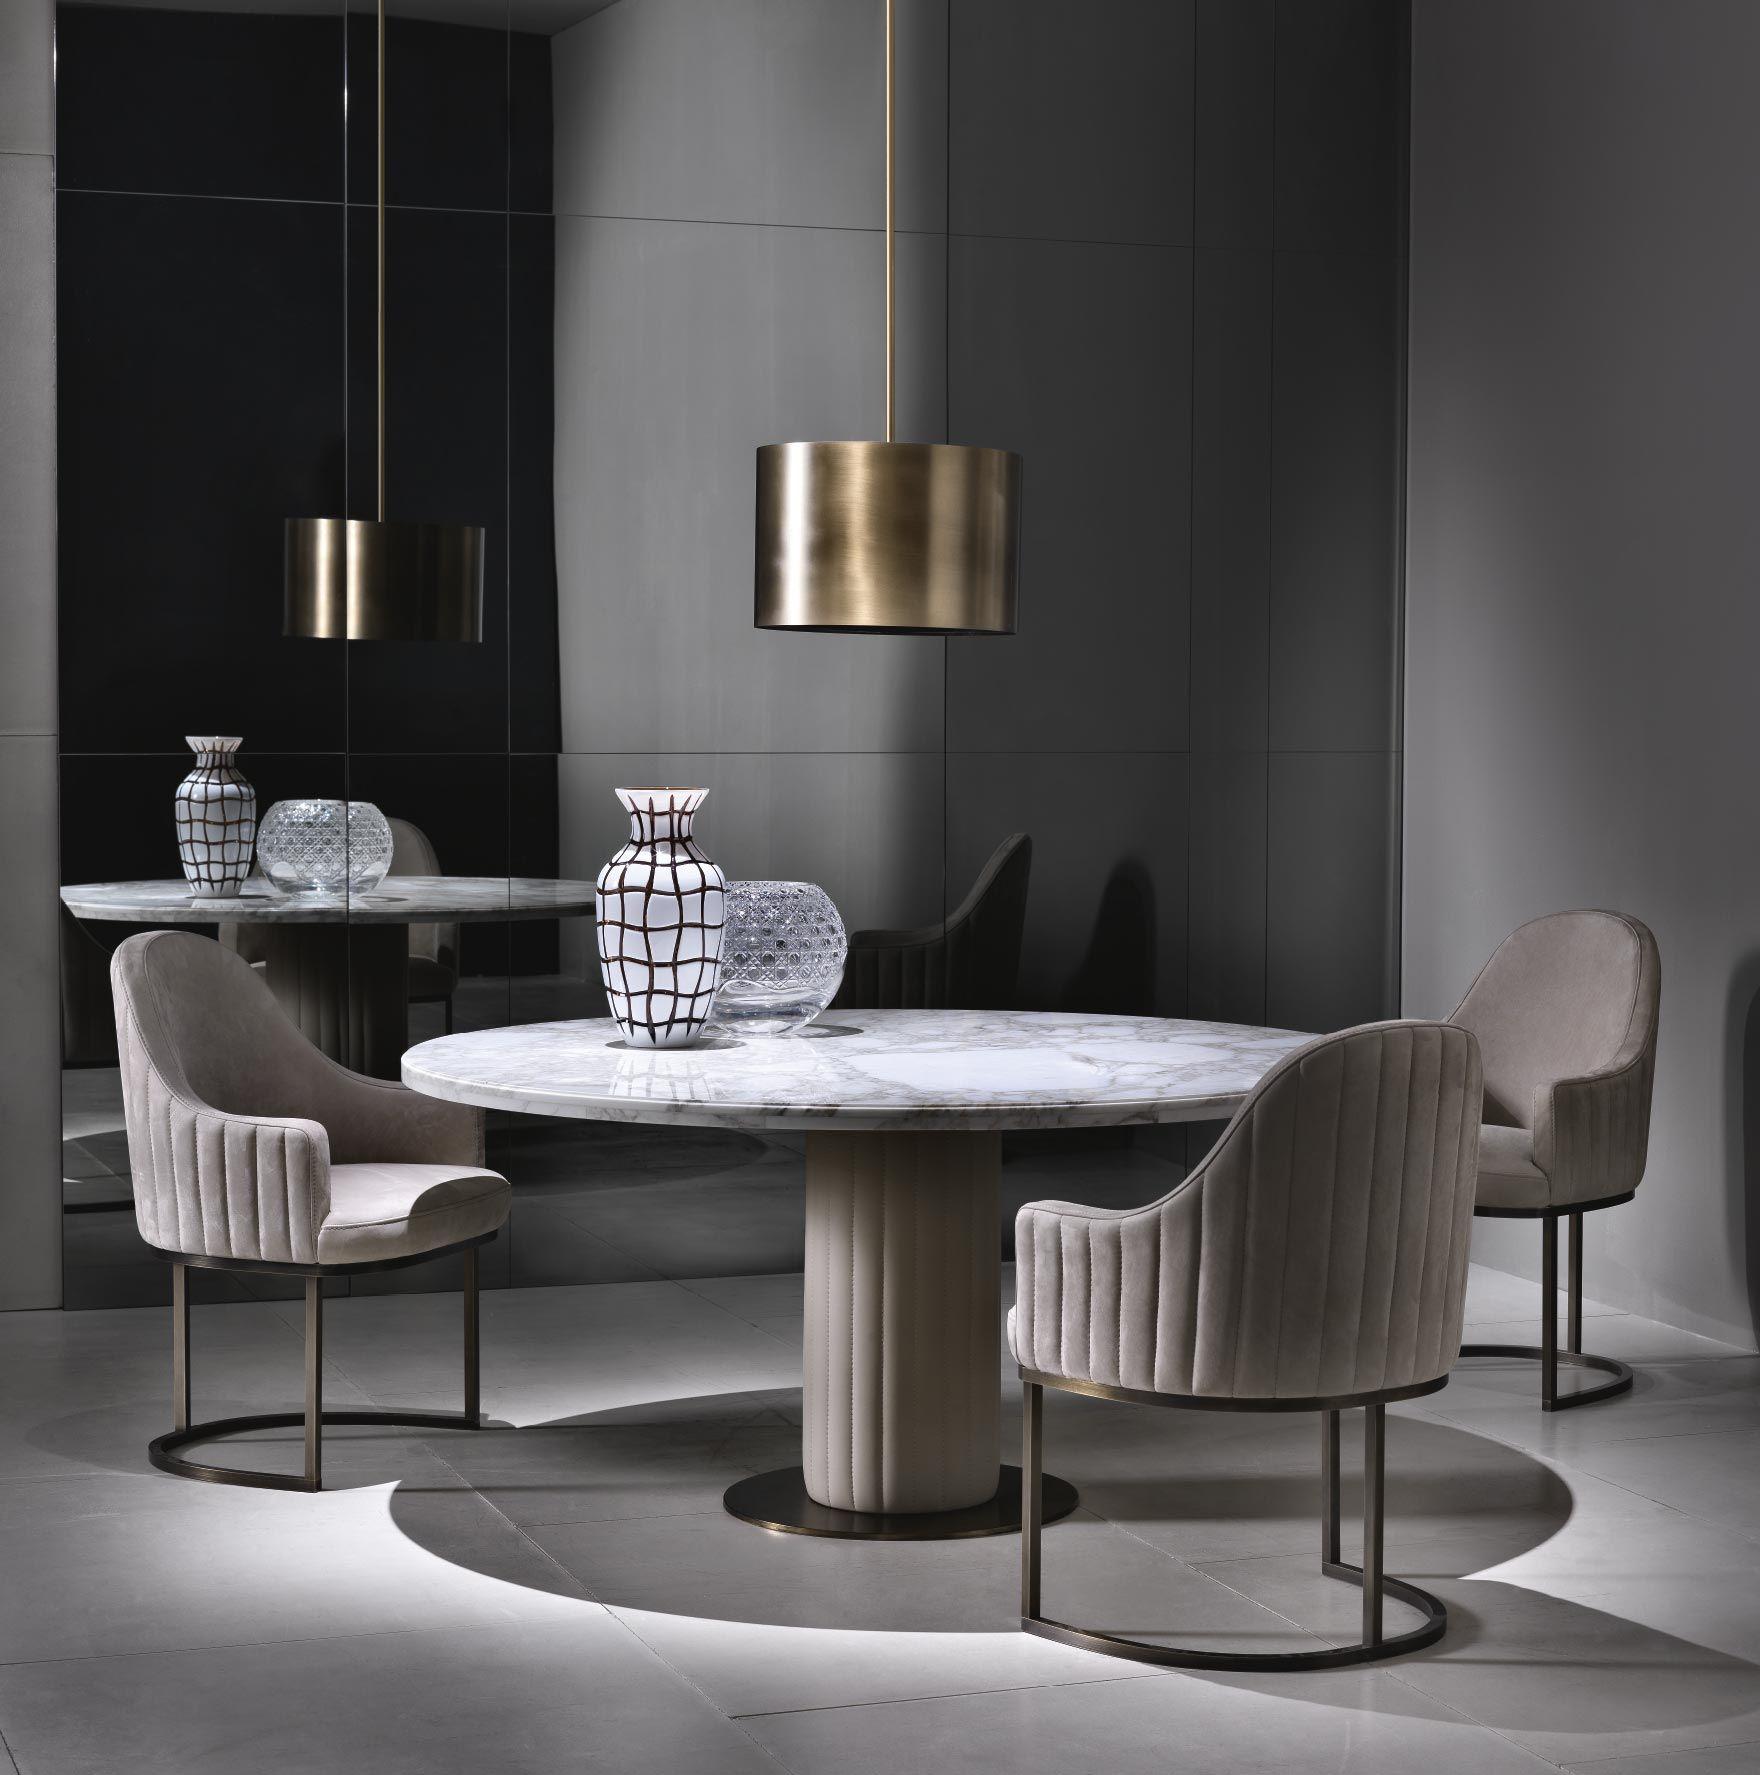 Daytona arredamento contemporaneo moderno di lusso arredo for Piani di casa in stile moderno contemporaneo